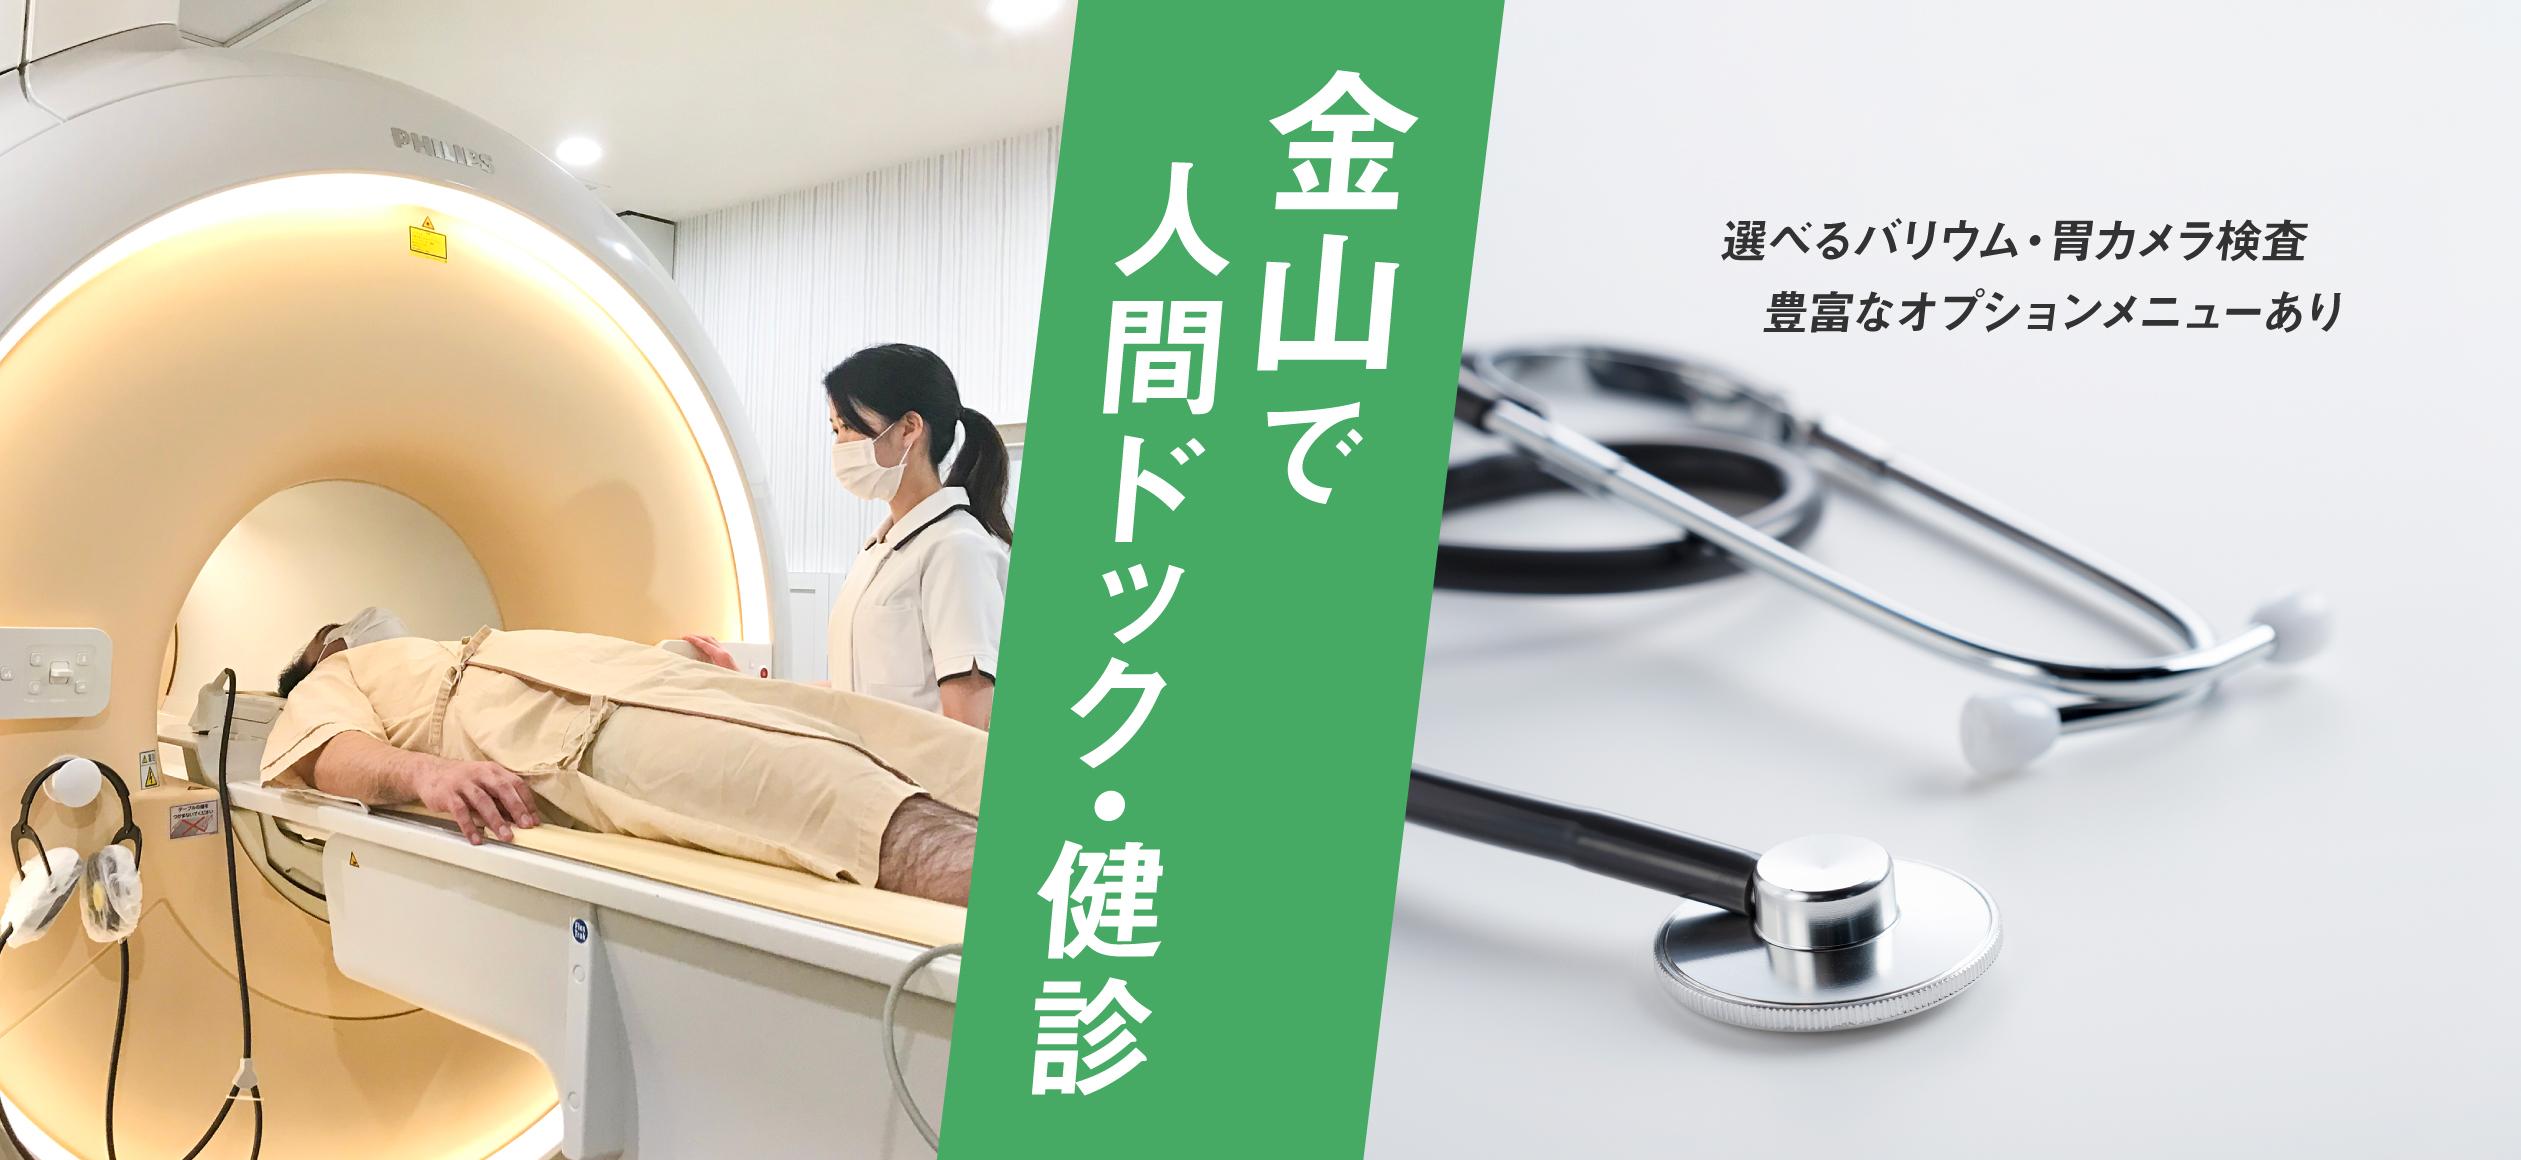 重工記念病院の人間ドック・健康診断メインイメージ